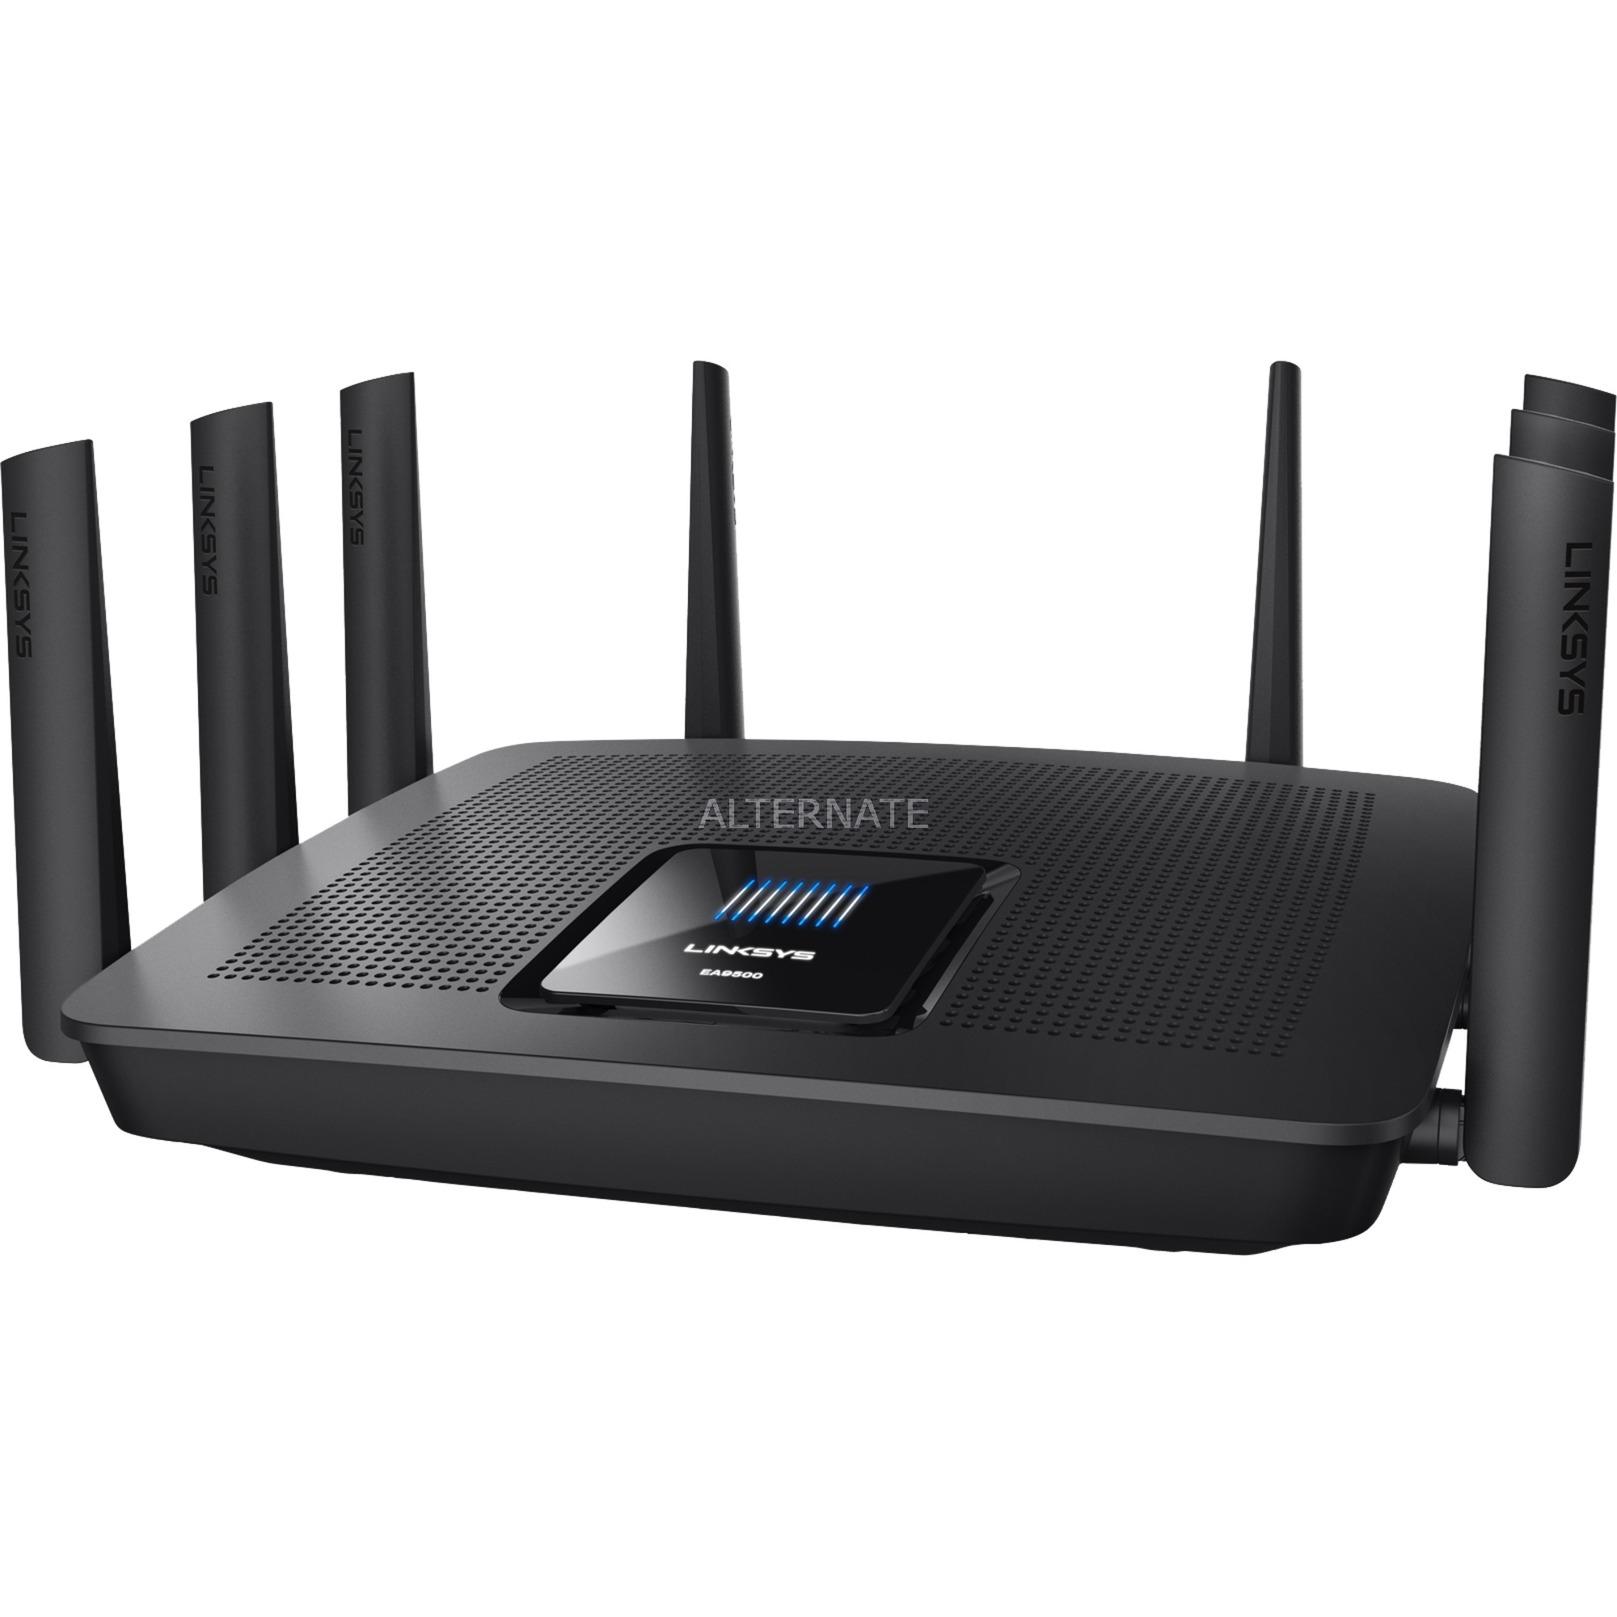 AC5400 Tri-bande (2,4 GHz / 5 GHz / 5 GHz) Gigabit Ethernet Noir routeur sans fil